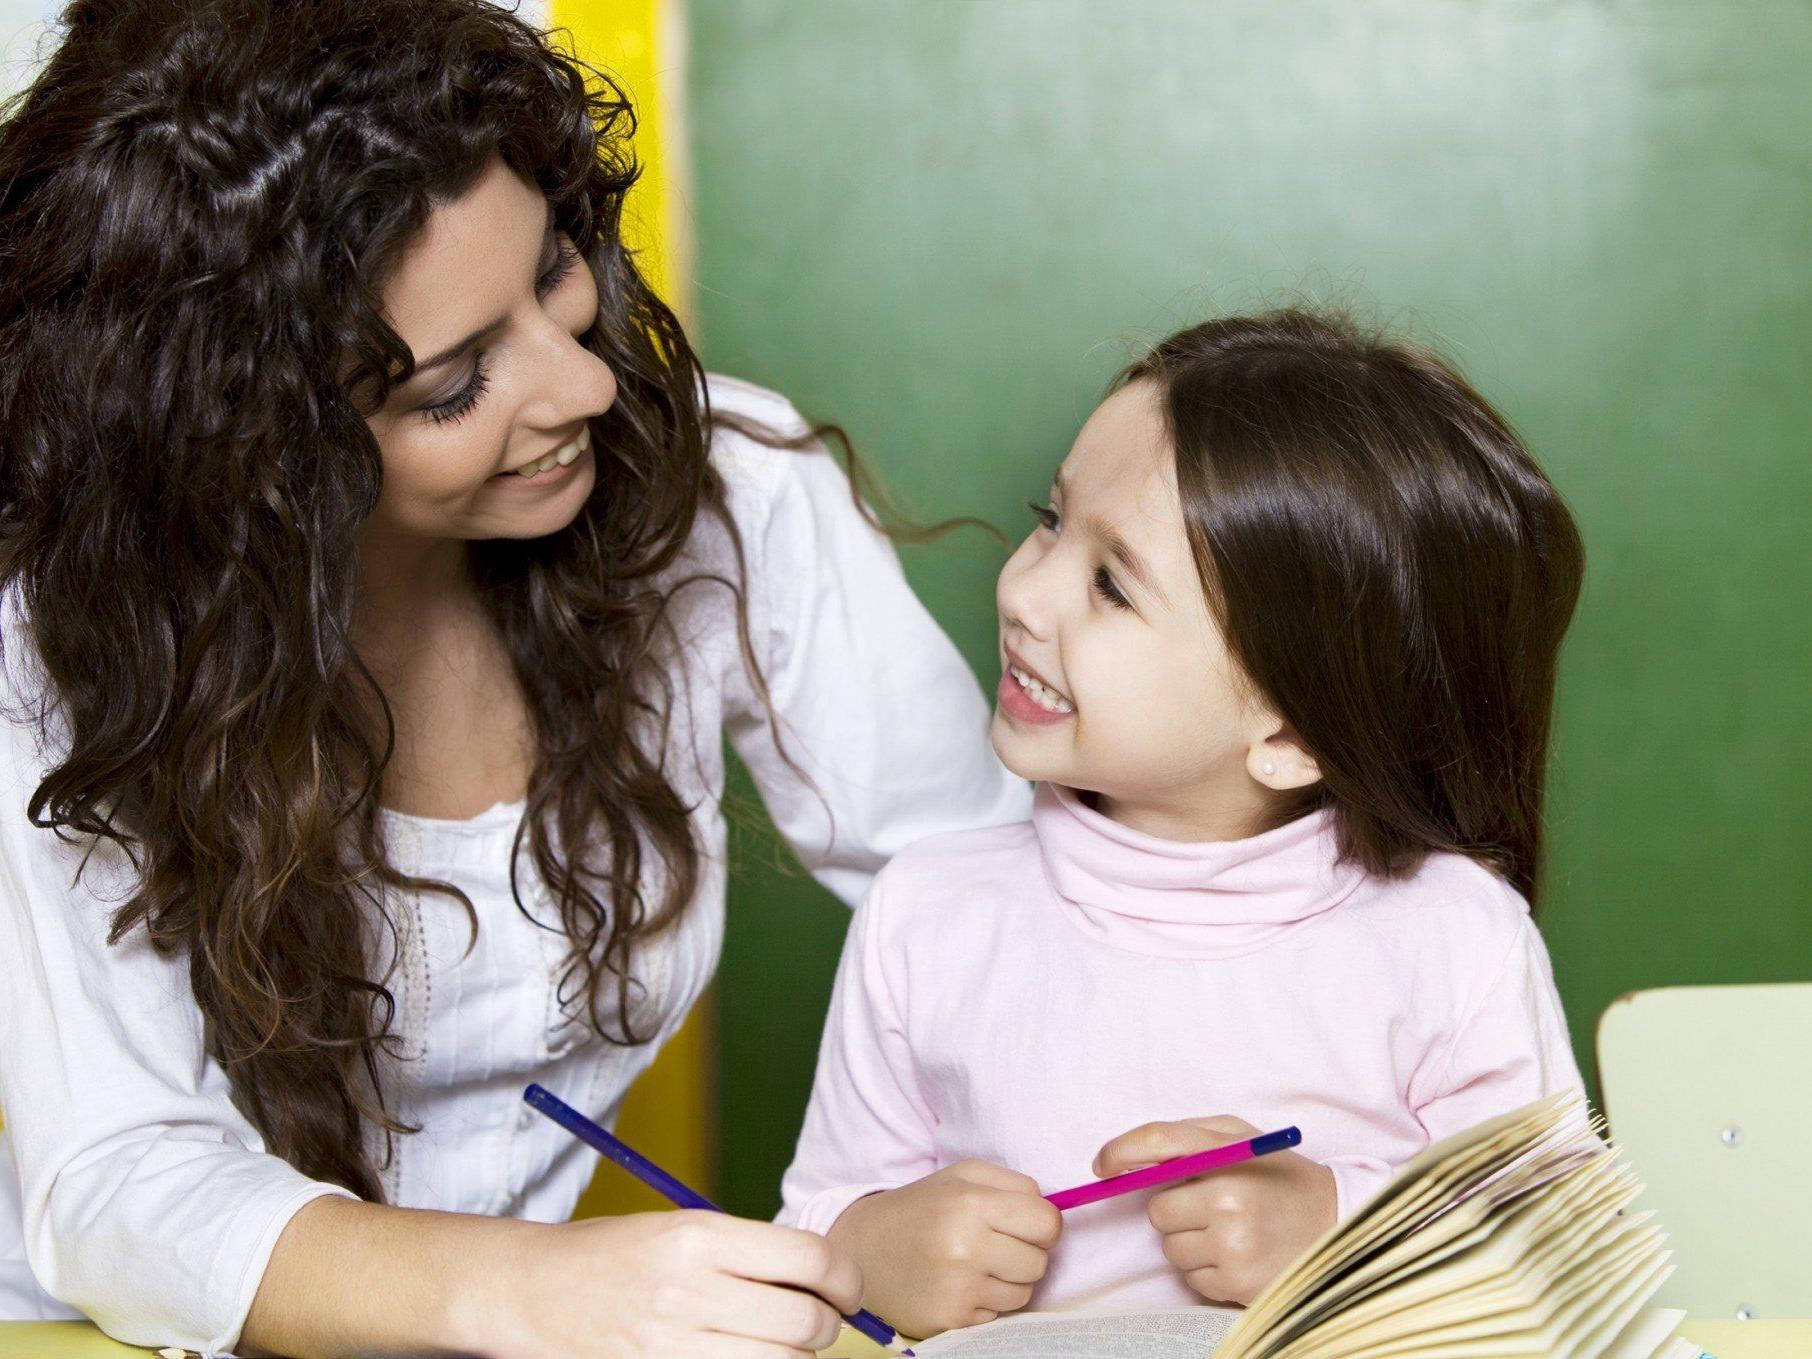 Die Muttersprache ist Basis für die weitere Sprachentwicklung des Kindes.